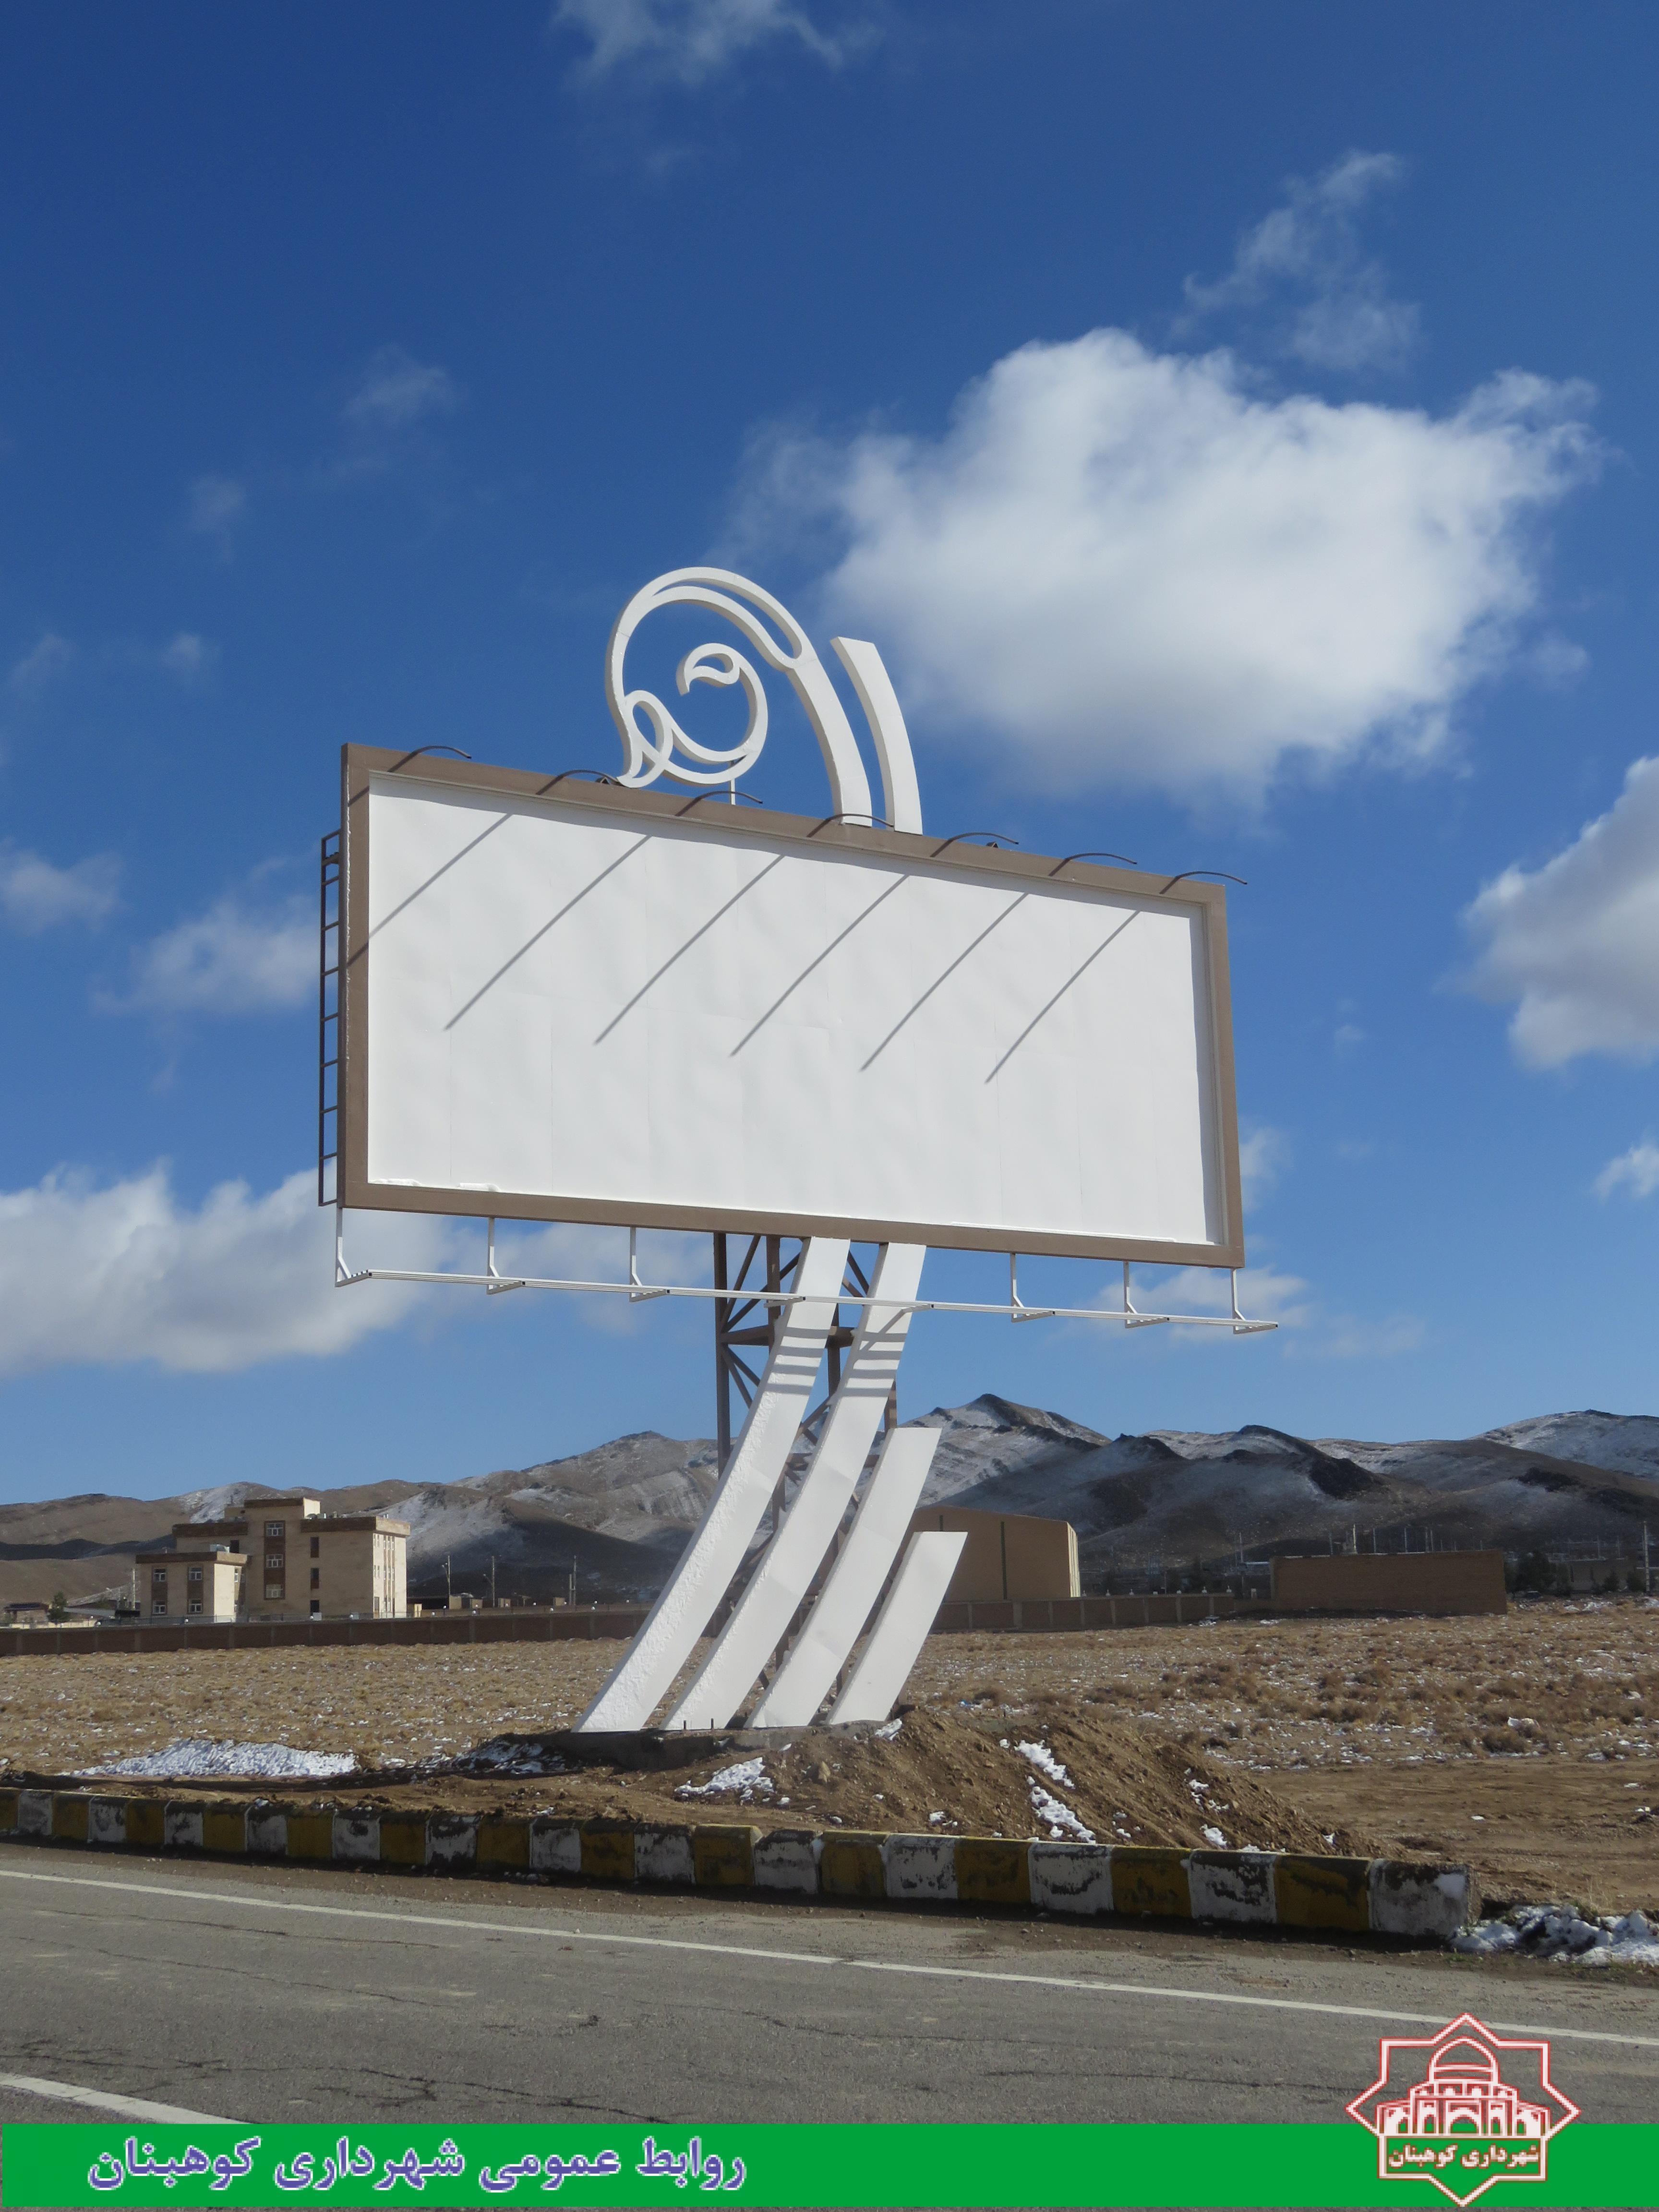 نصب بیلبورد تبلیغاتی در ورودی شهر